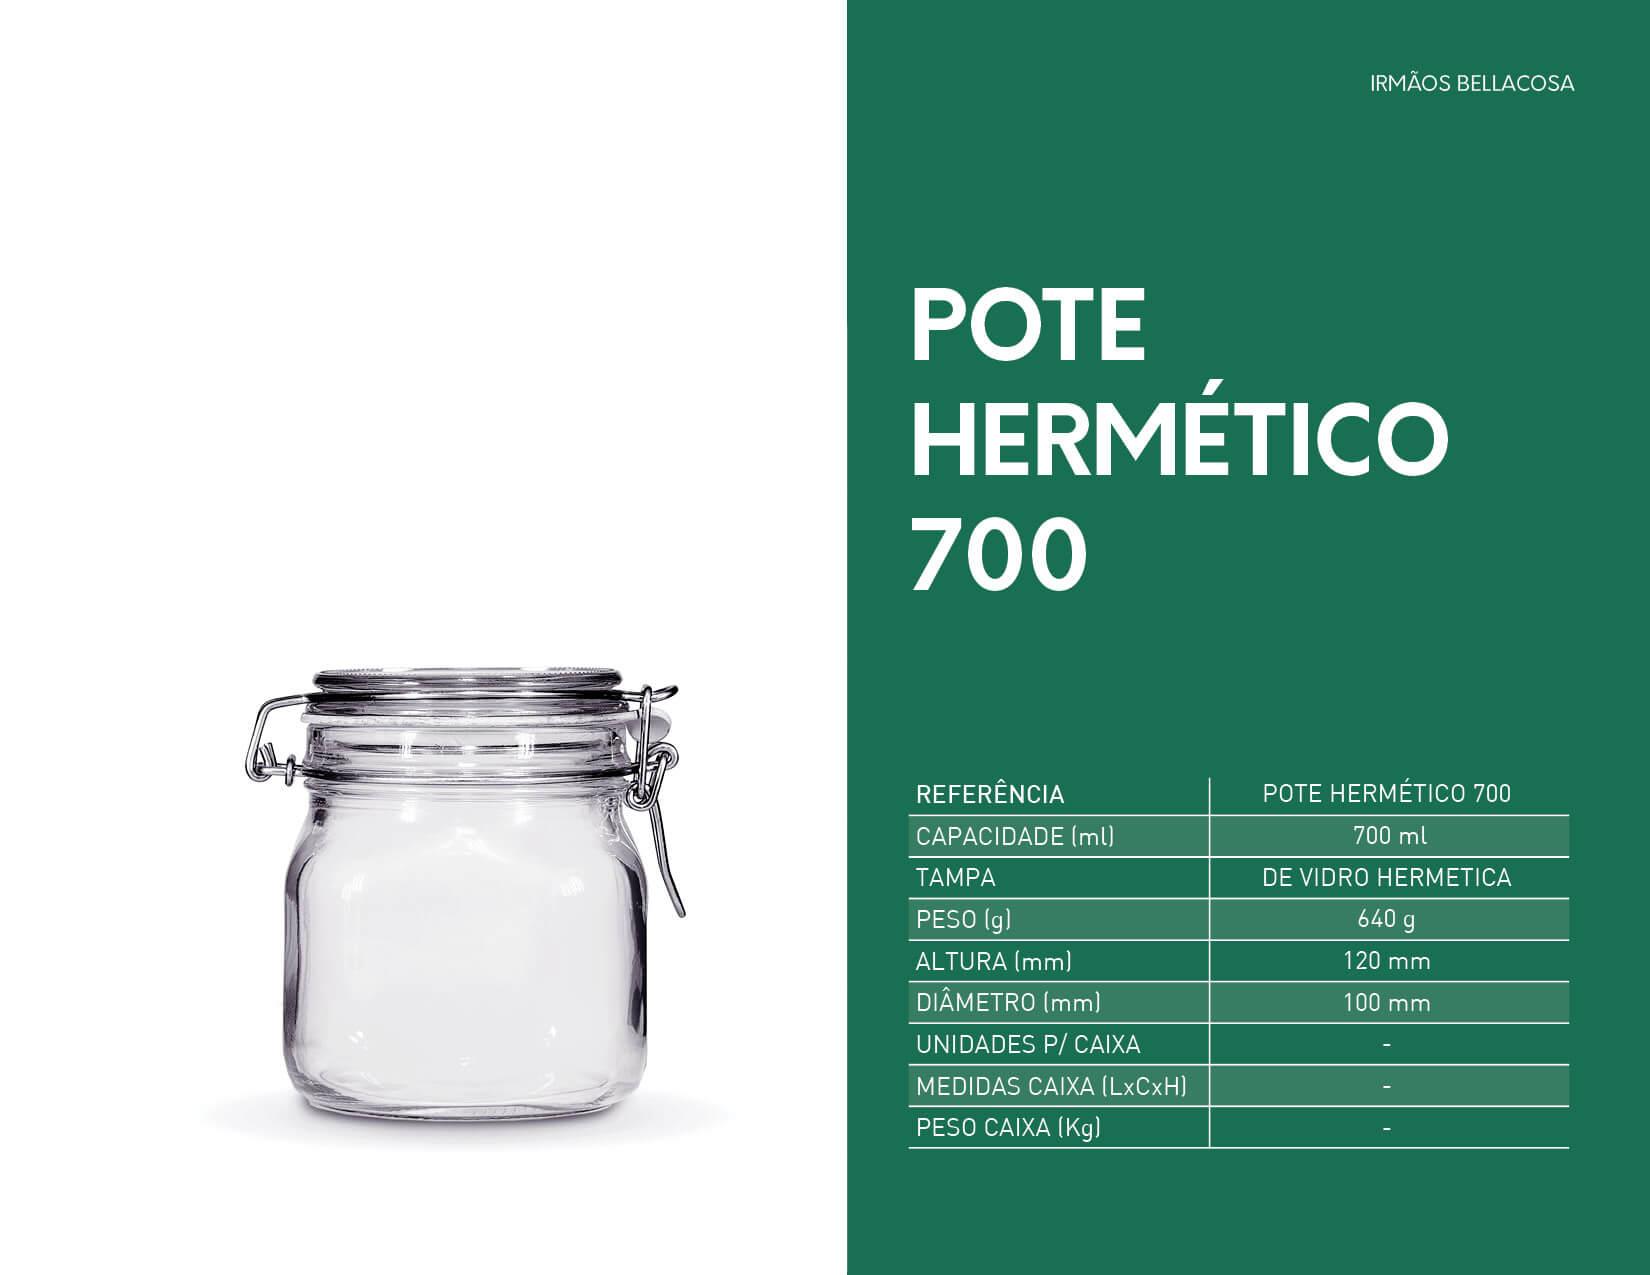 049-Pote-hermetico-700-irmaos-bellacosa-embalagens-de-vidro